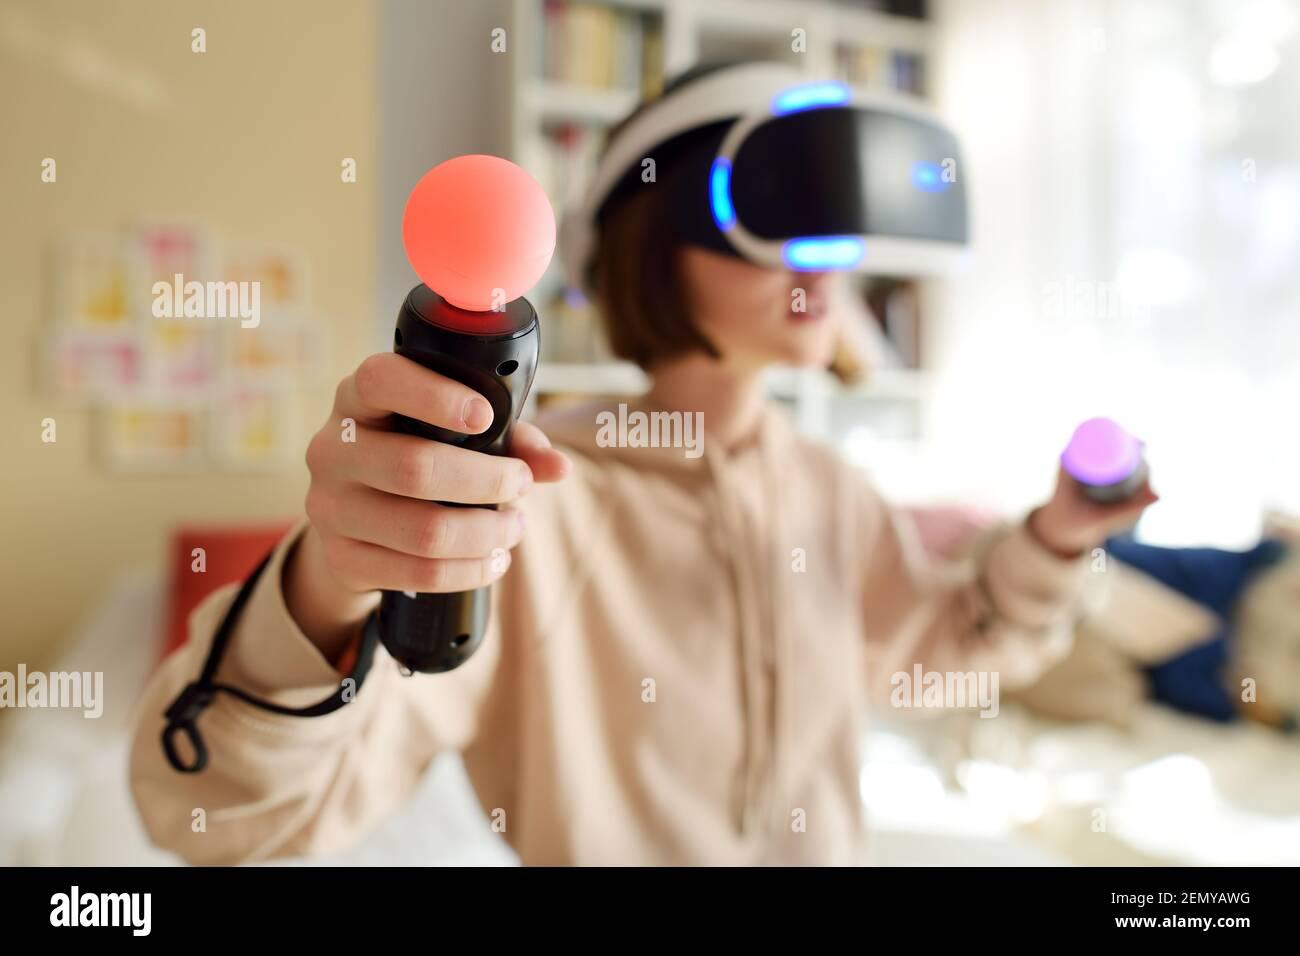 Une jeune fille qui porte un casque de réalité virtuelle à la maison. Mignon adolescent utilisant des lunettes VR pour jouer un jeu. Enfant dans un casque de réalité augmentée virtuelle. FUT Banque D'Images